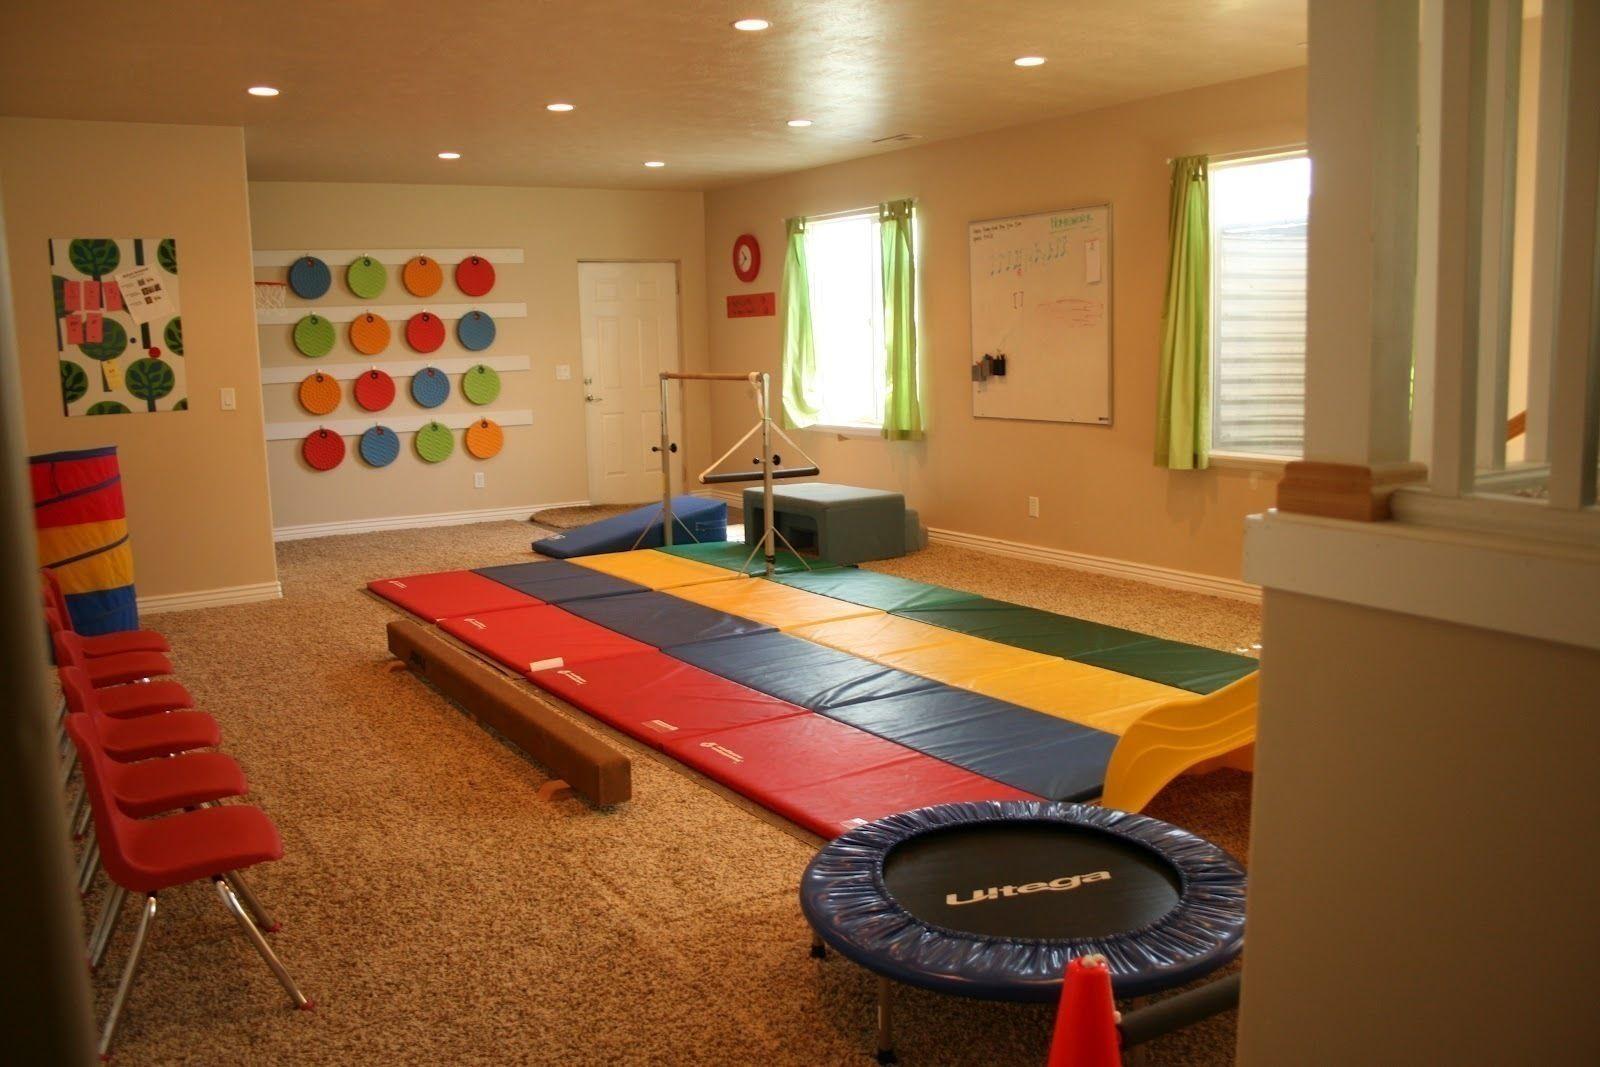 Die Großen Ideen Für Die Kinder Spielzimmer Bodenbeläge #Badezimmer  #Büromöbel #Couchtisch #Deko